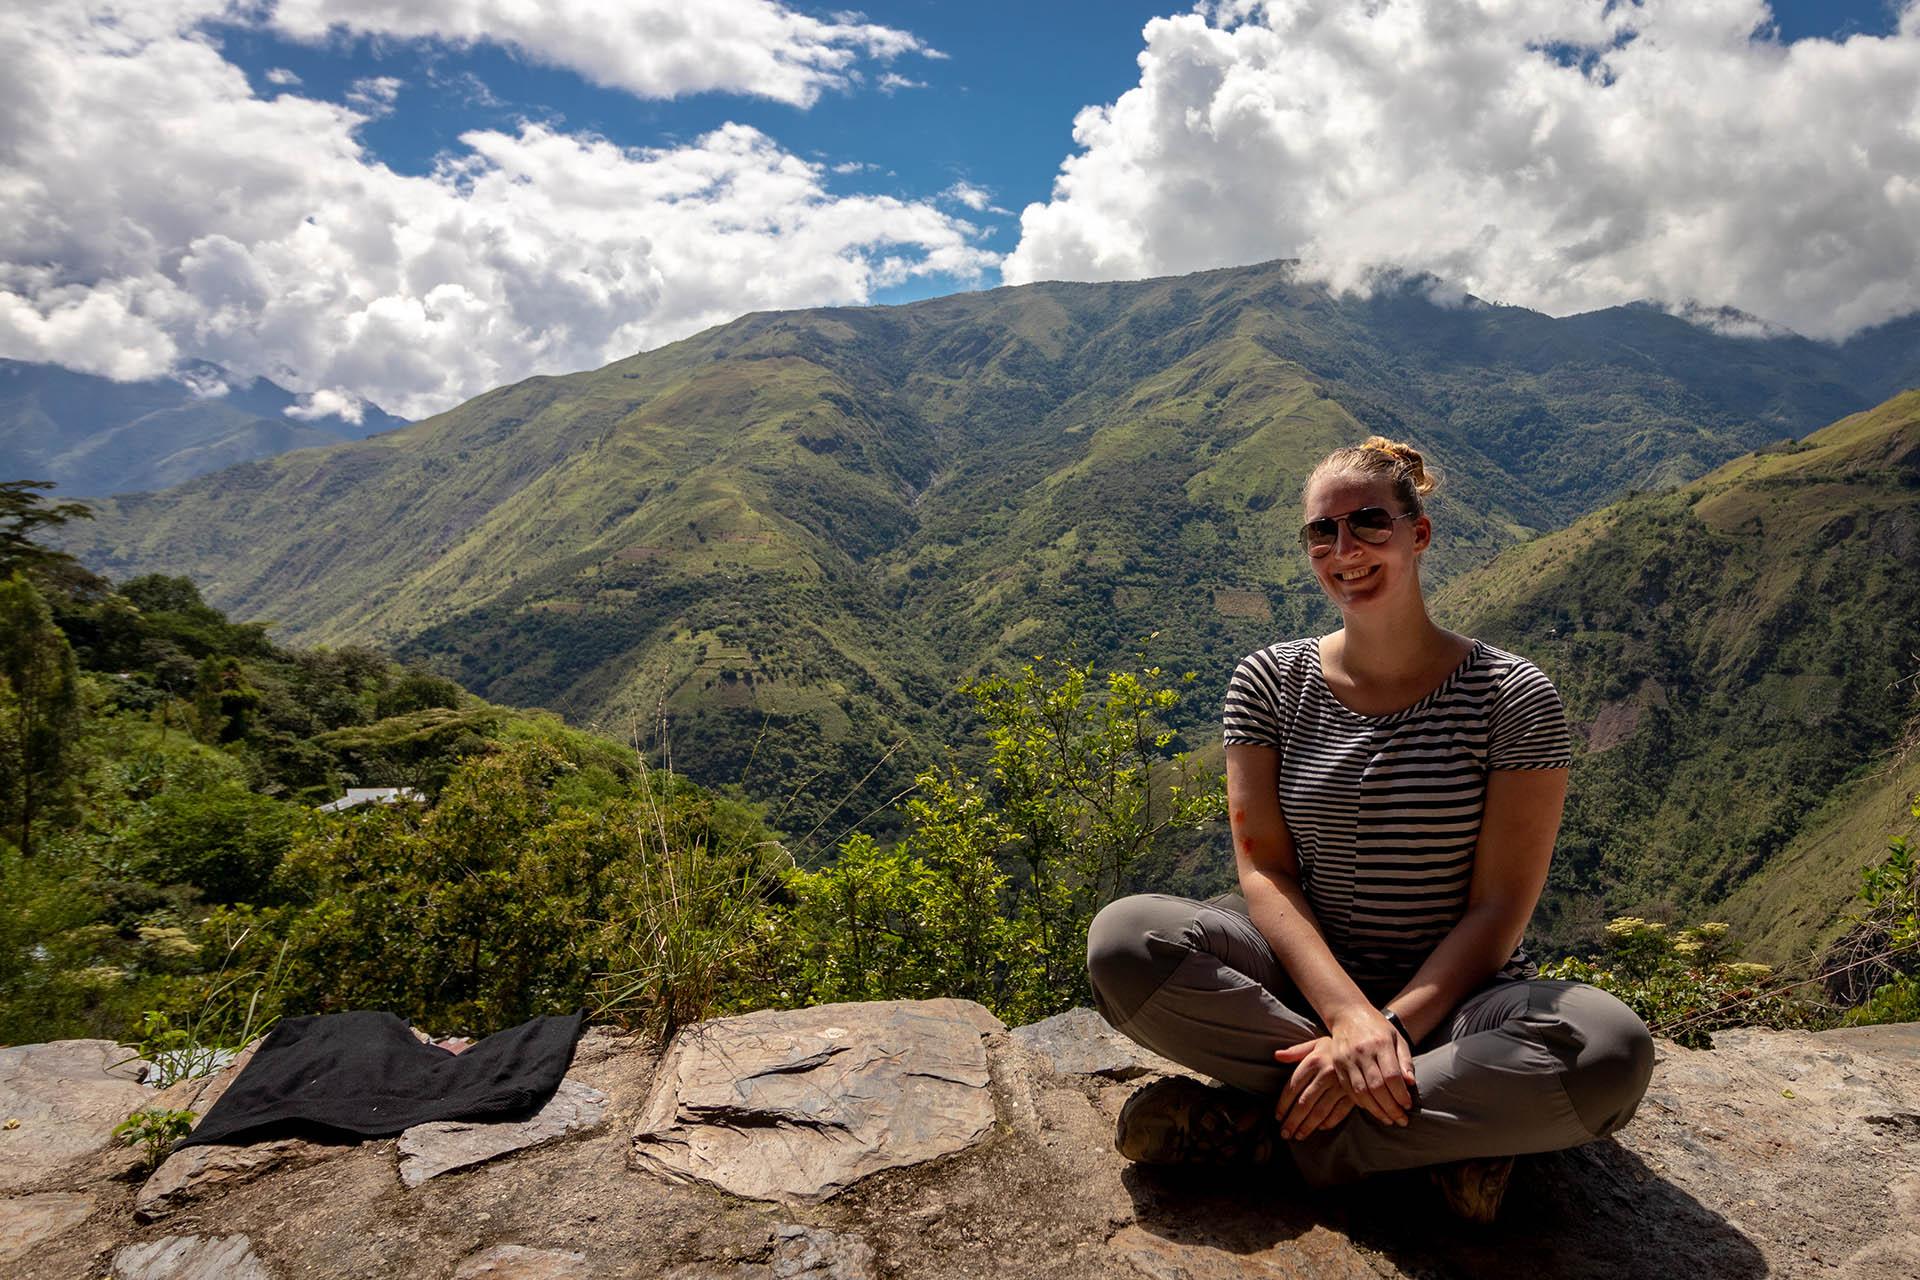 Manouk zit op een rand in het café tijdens de pauze van de wandeldag van de Inka Jungle Trek, met mooi uitzicht over een groene vallei.